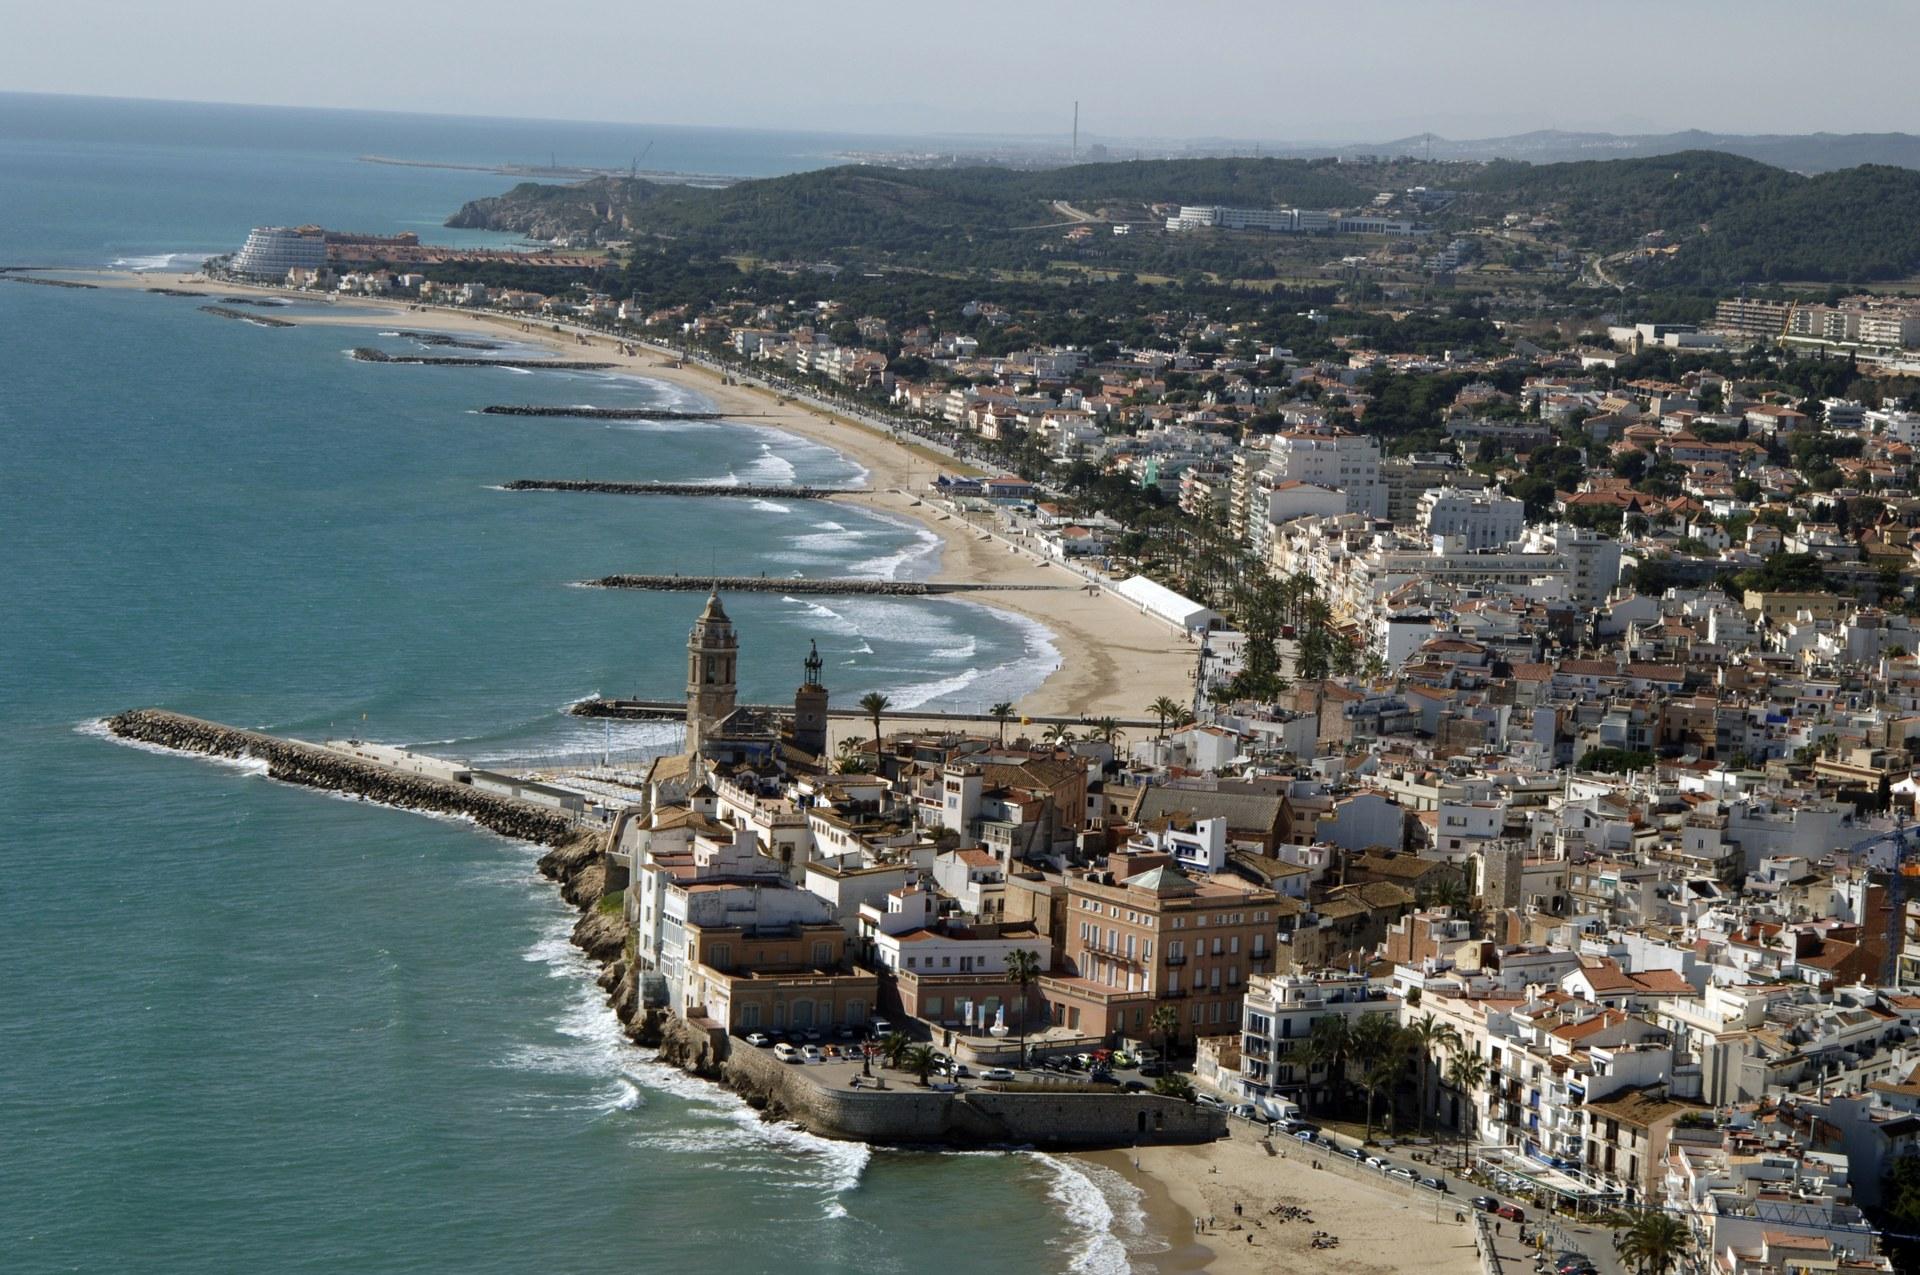 L'Ajuntament de Sitges condemna rotundament l'agressió homòfoba de dissabte a la nit a Sitges